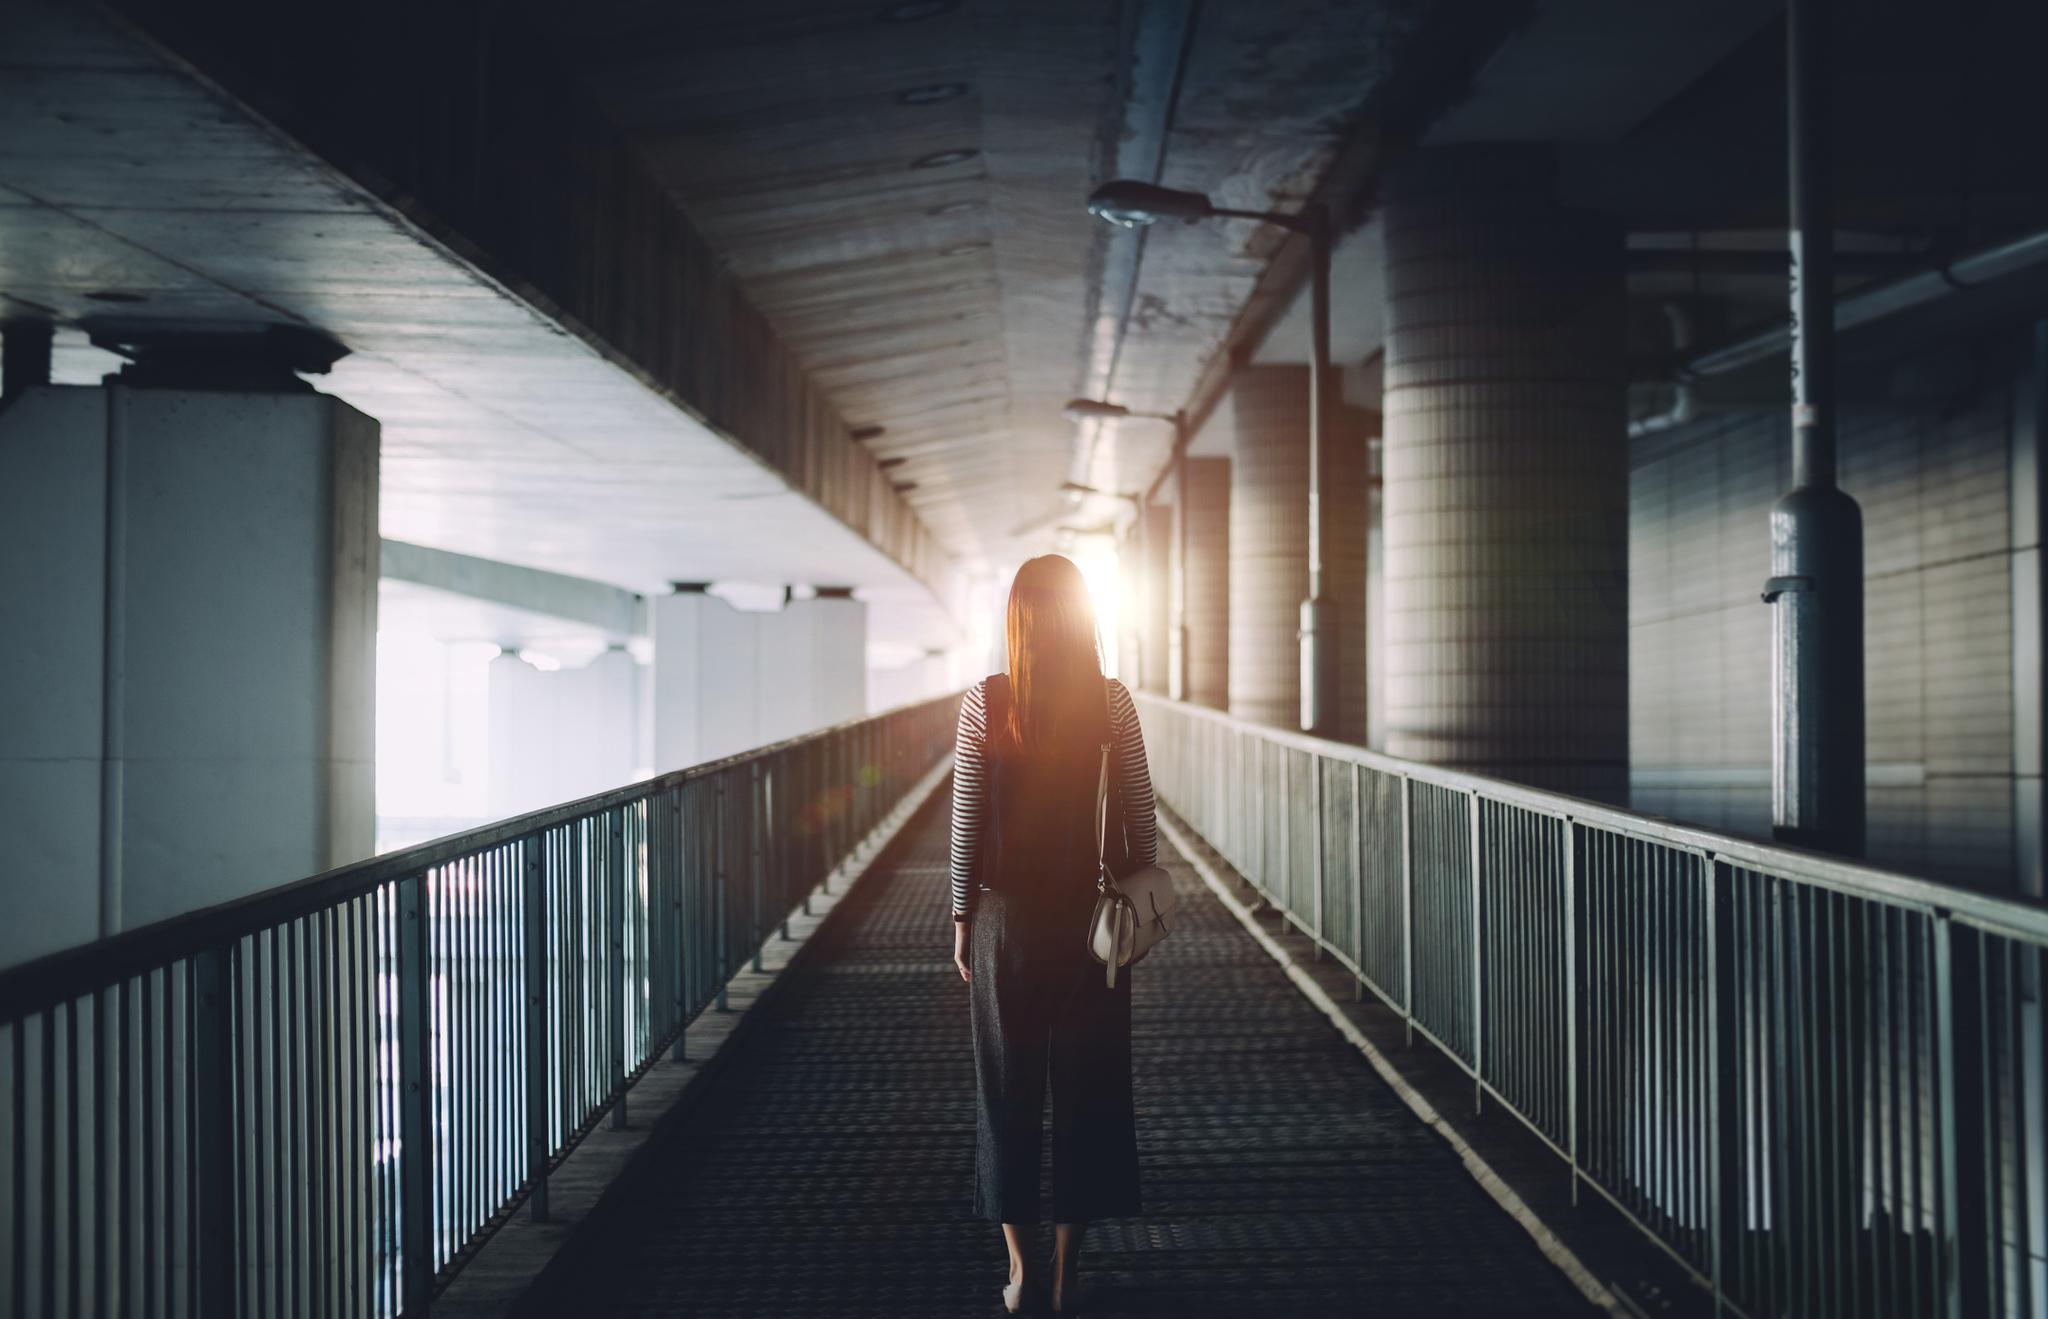 El 89% de las mujeres encuestadas por LÓréal confesó que ha sufrido acoso persecutorio.